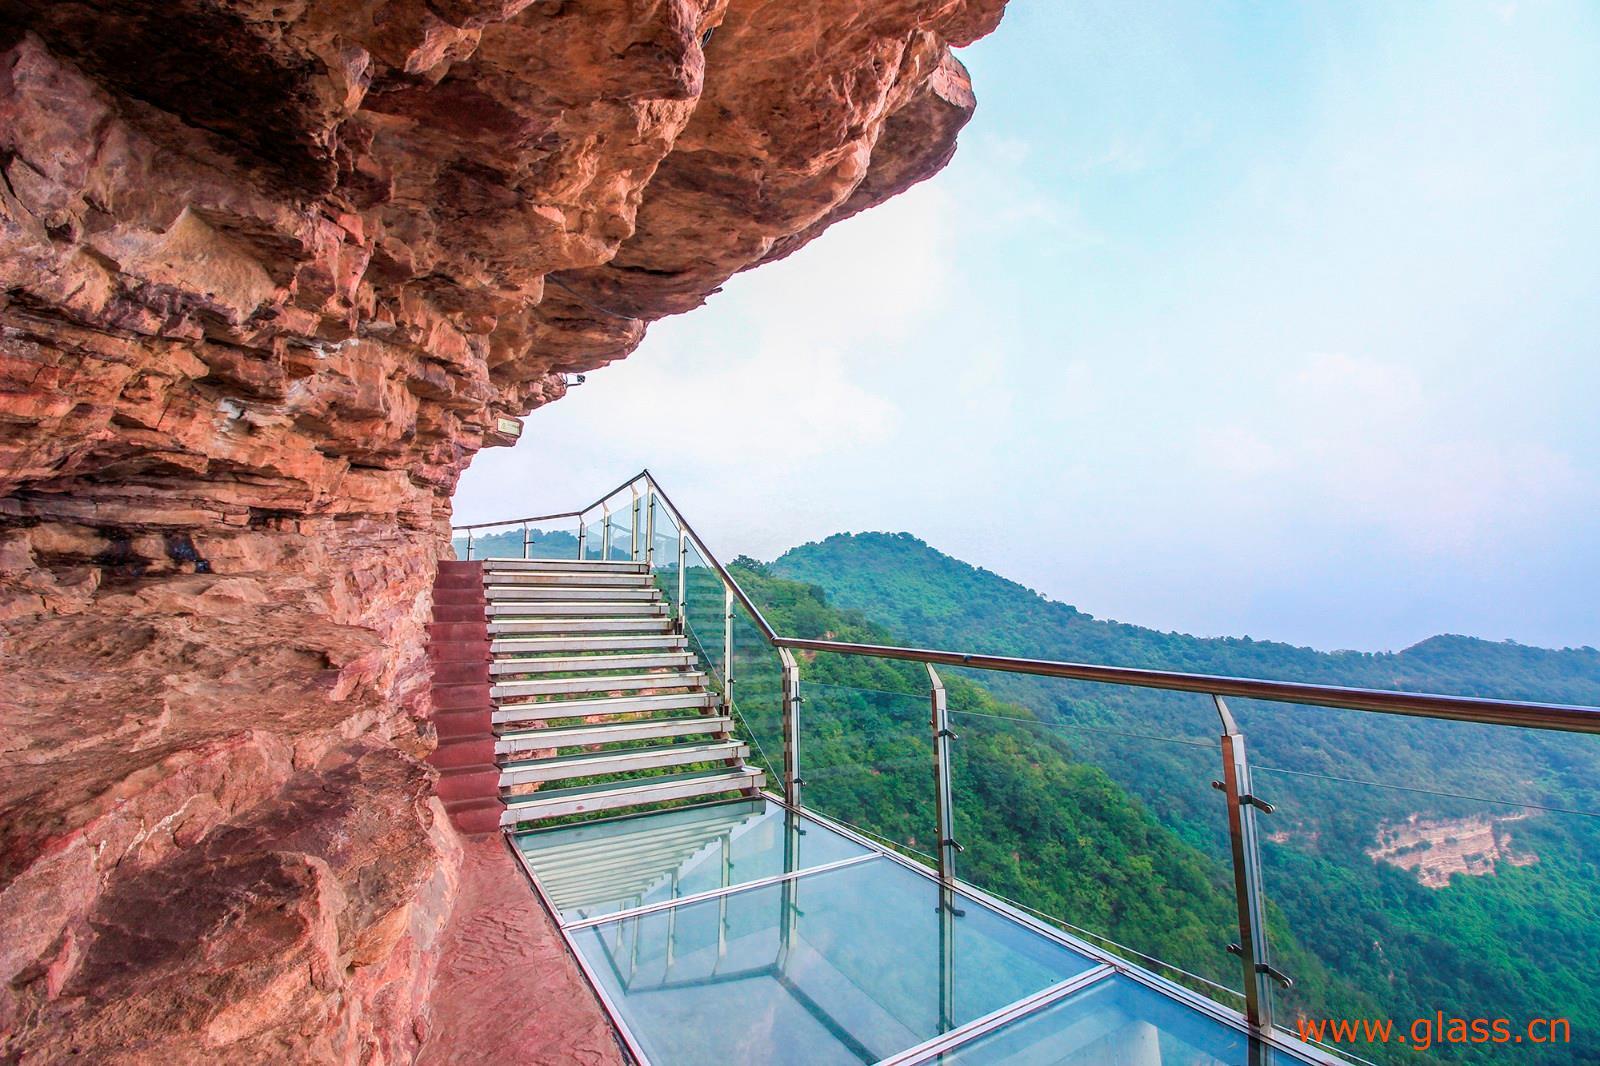 玻璃栈道坐落于邯郸武安京娘湖景区的最高处宋祖峰上云中寺的后方.